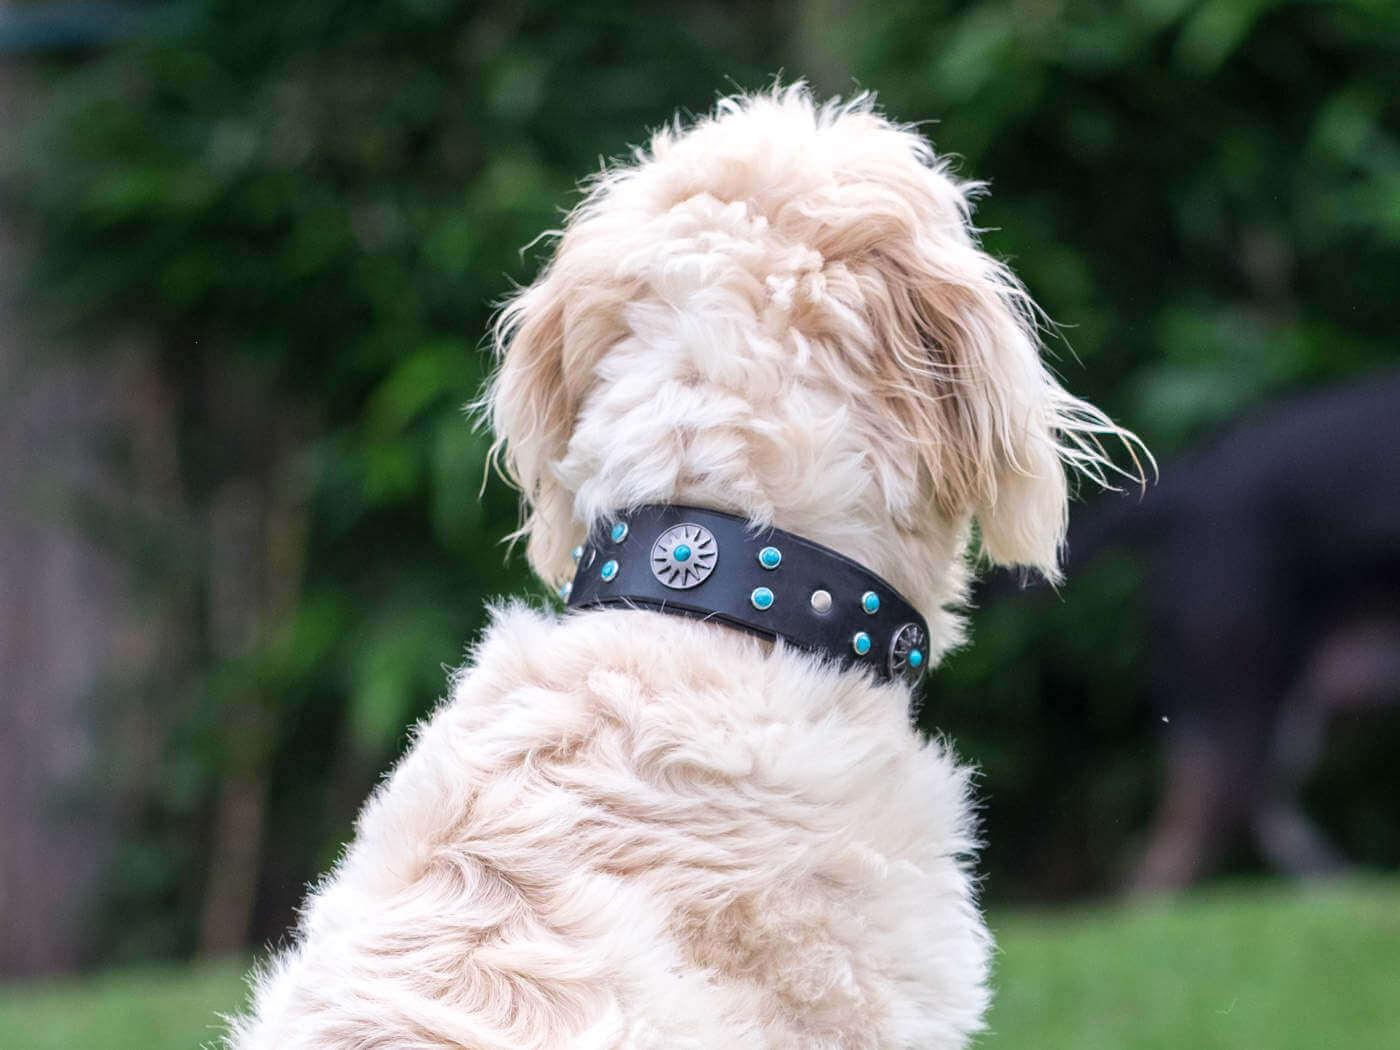 Otis wearing the Surya Leather Dog Collar